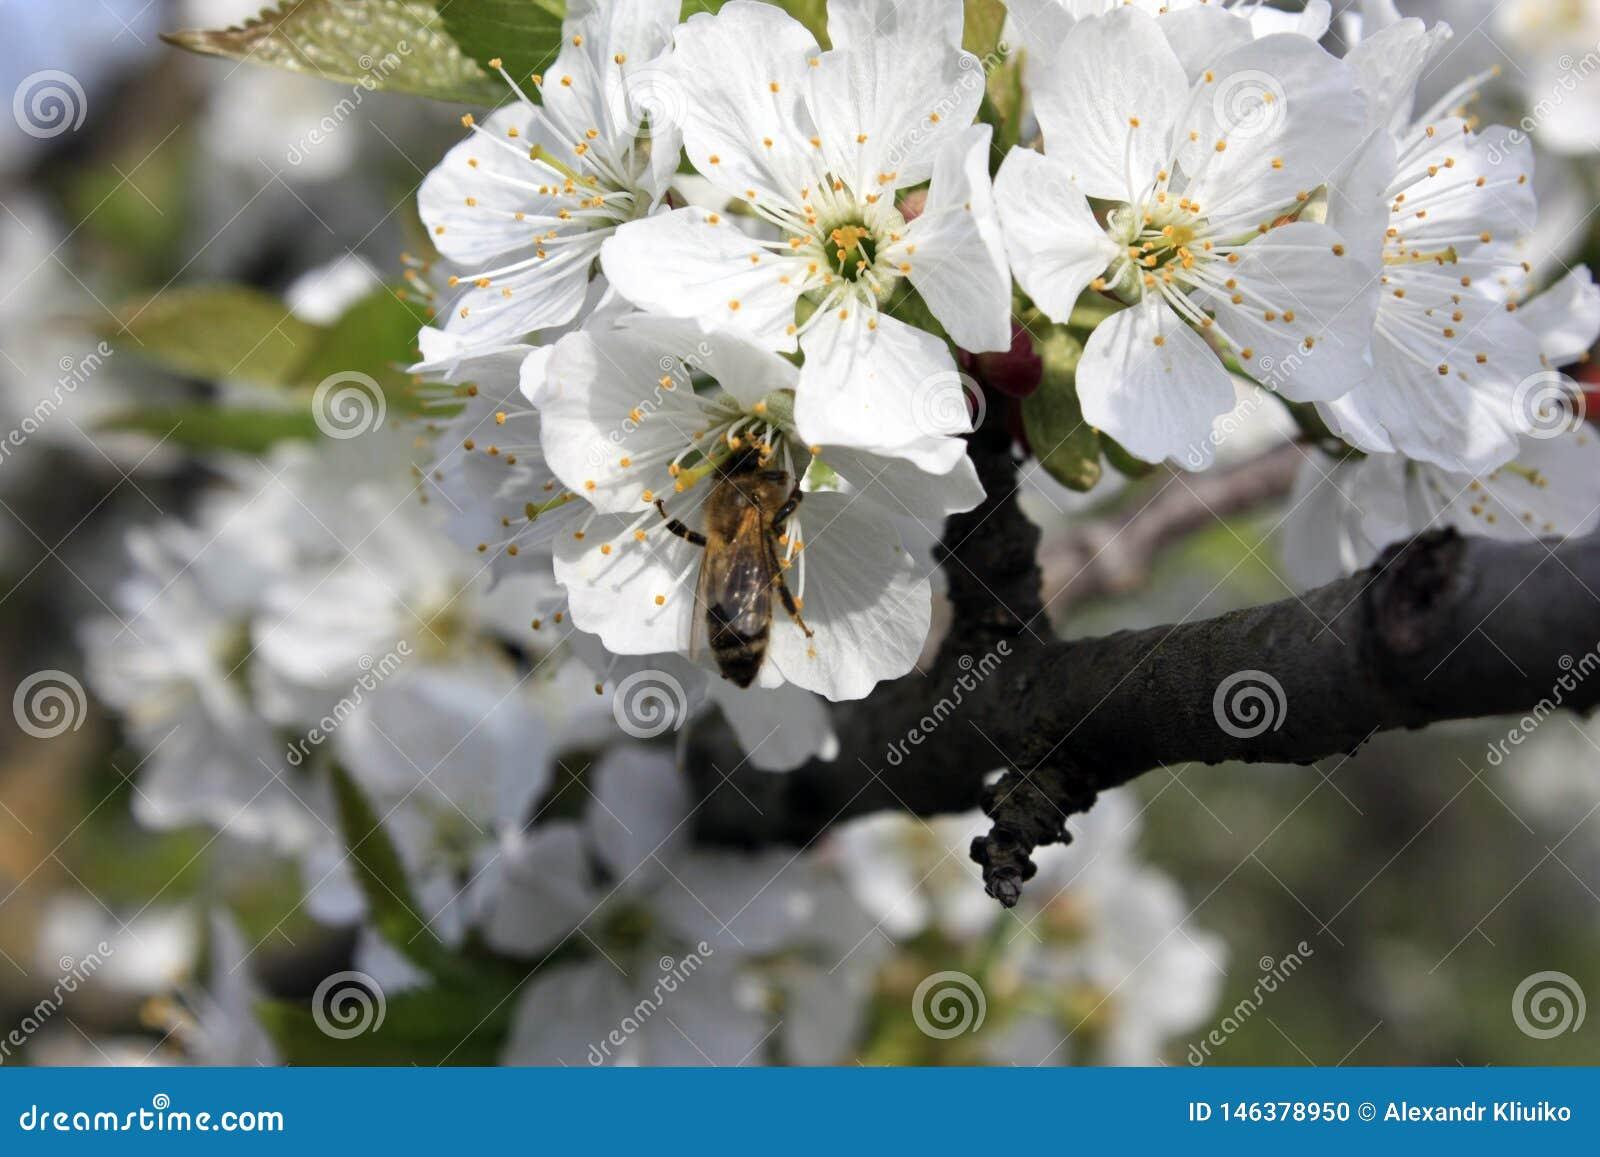 Un árbol frutal floreciente con una abeja en una flor blanco-rosada Fondo borroso, día de primavera soleado claro Foto macra